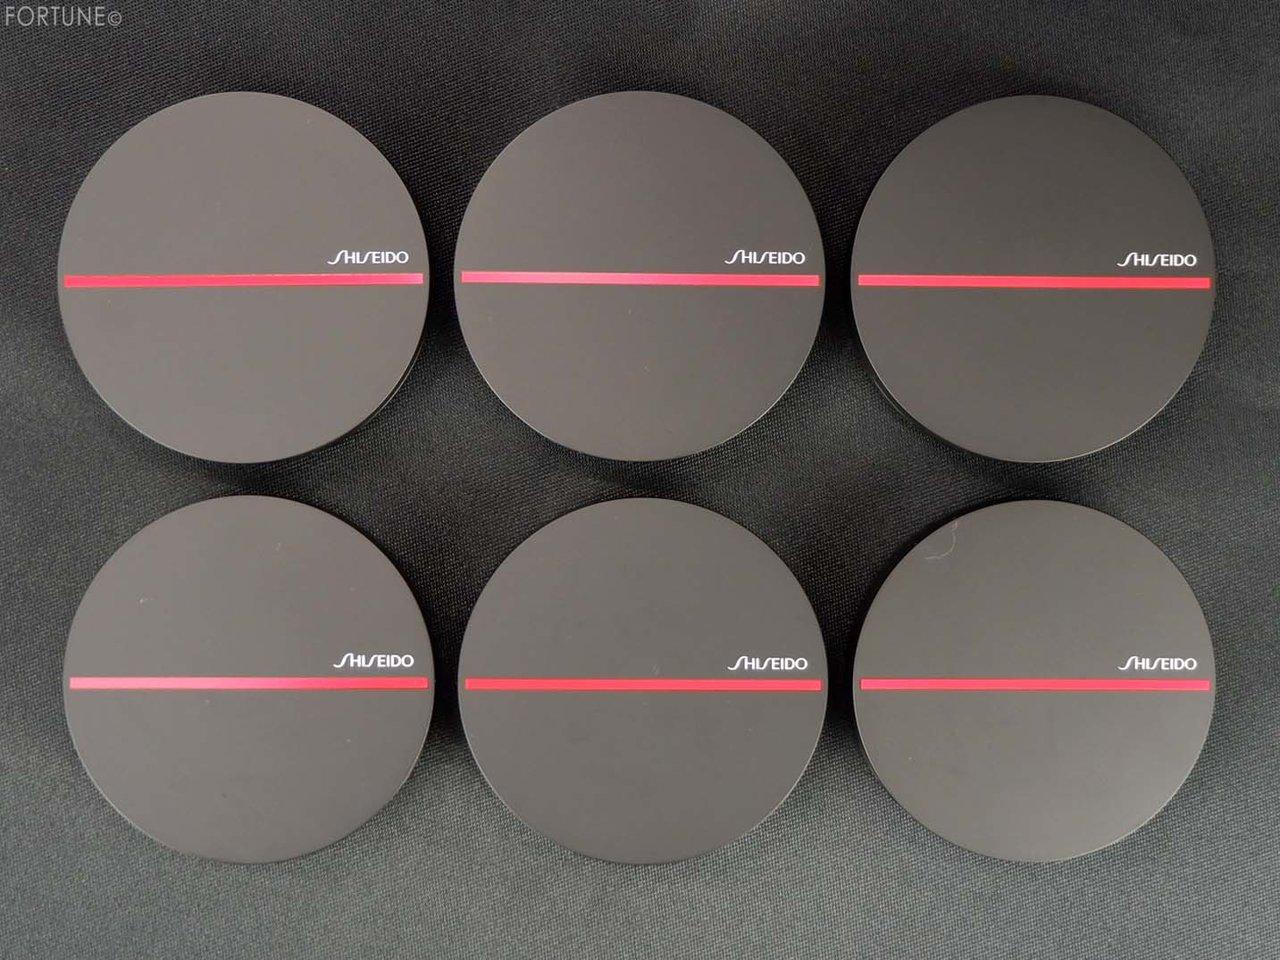 画像:SHISEIDO 新ベースメイク「シンクロスキン セルフリフレッシング クッションコンパクト」